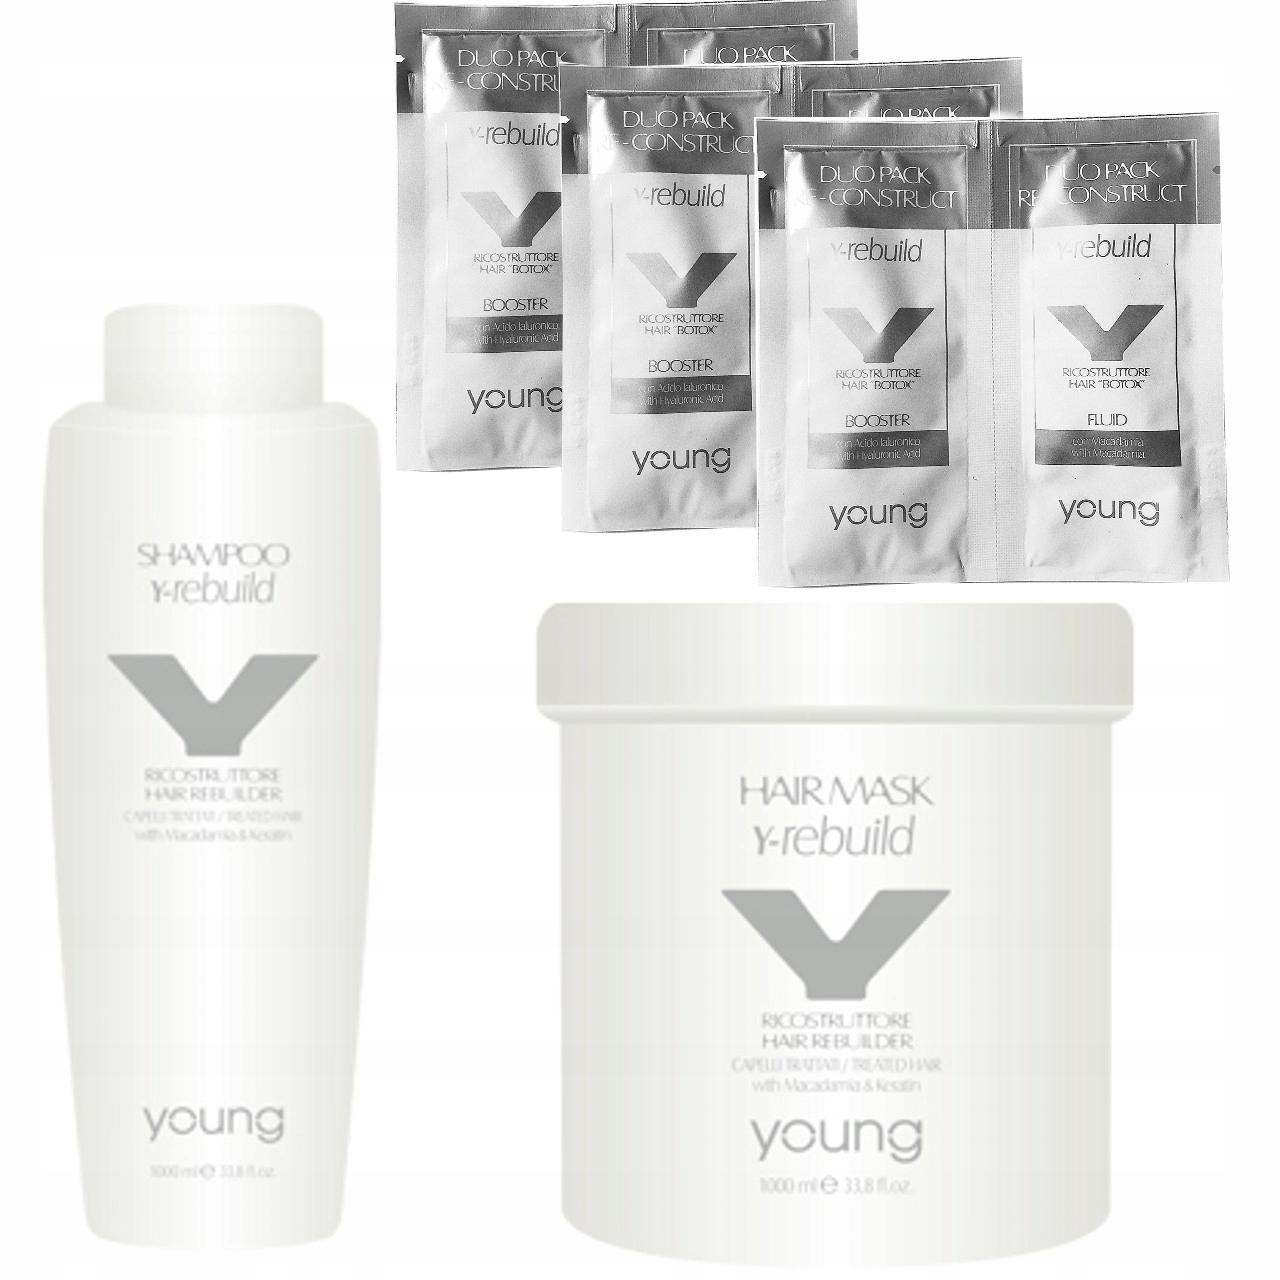 YOUNG Y-Rebuild zabieg odmładzający BOTOX na włosy